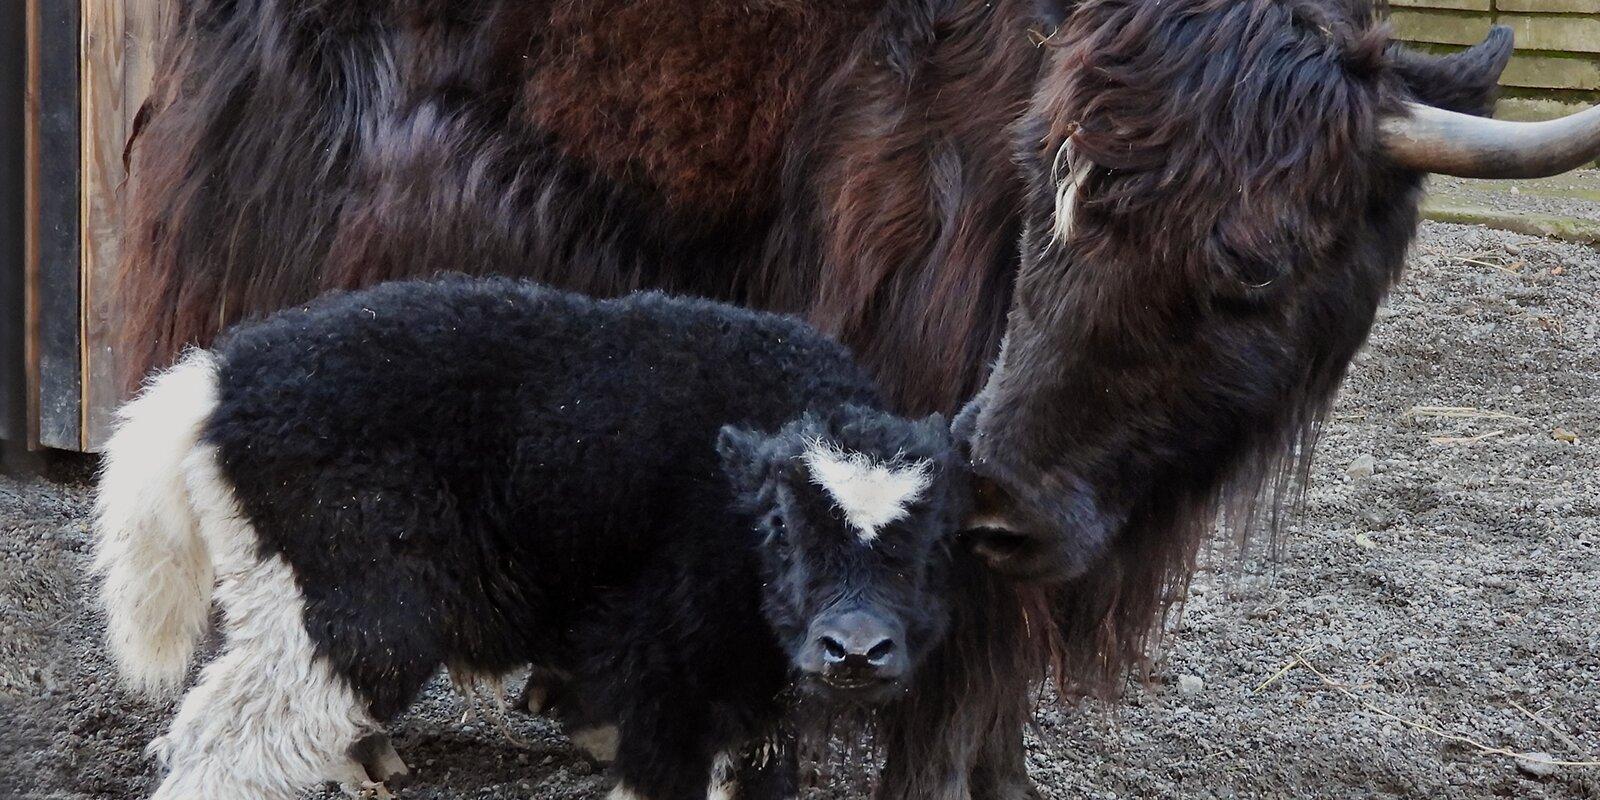 Жители столицы выберут имена для родившихся в зоопарке телят яка